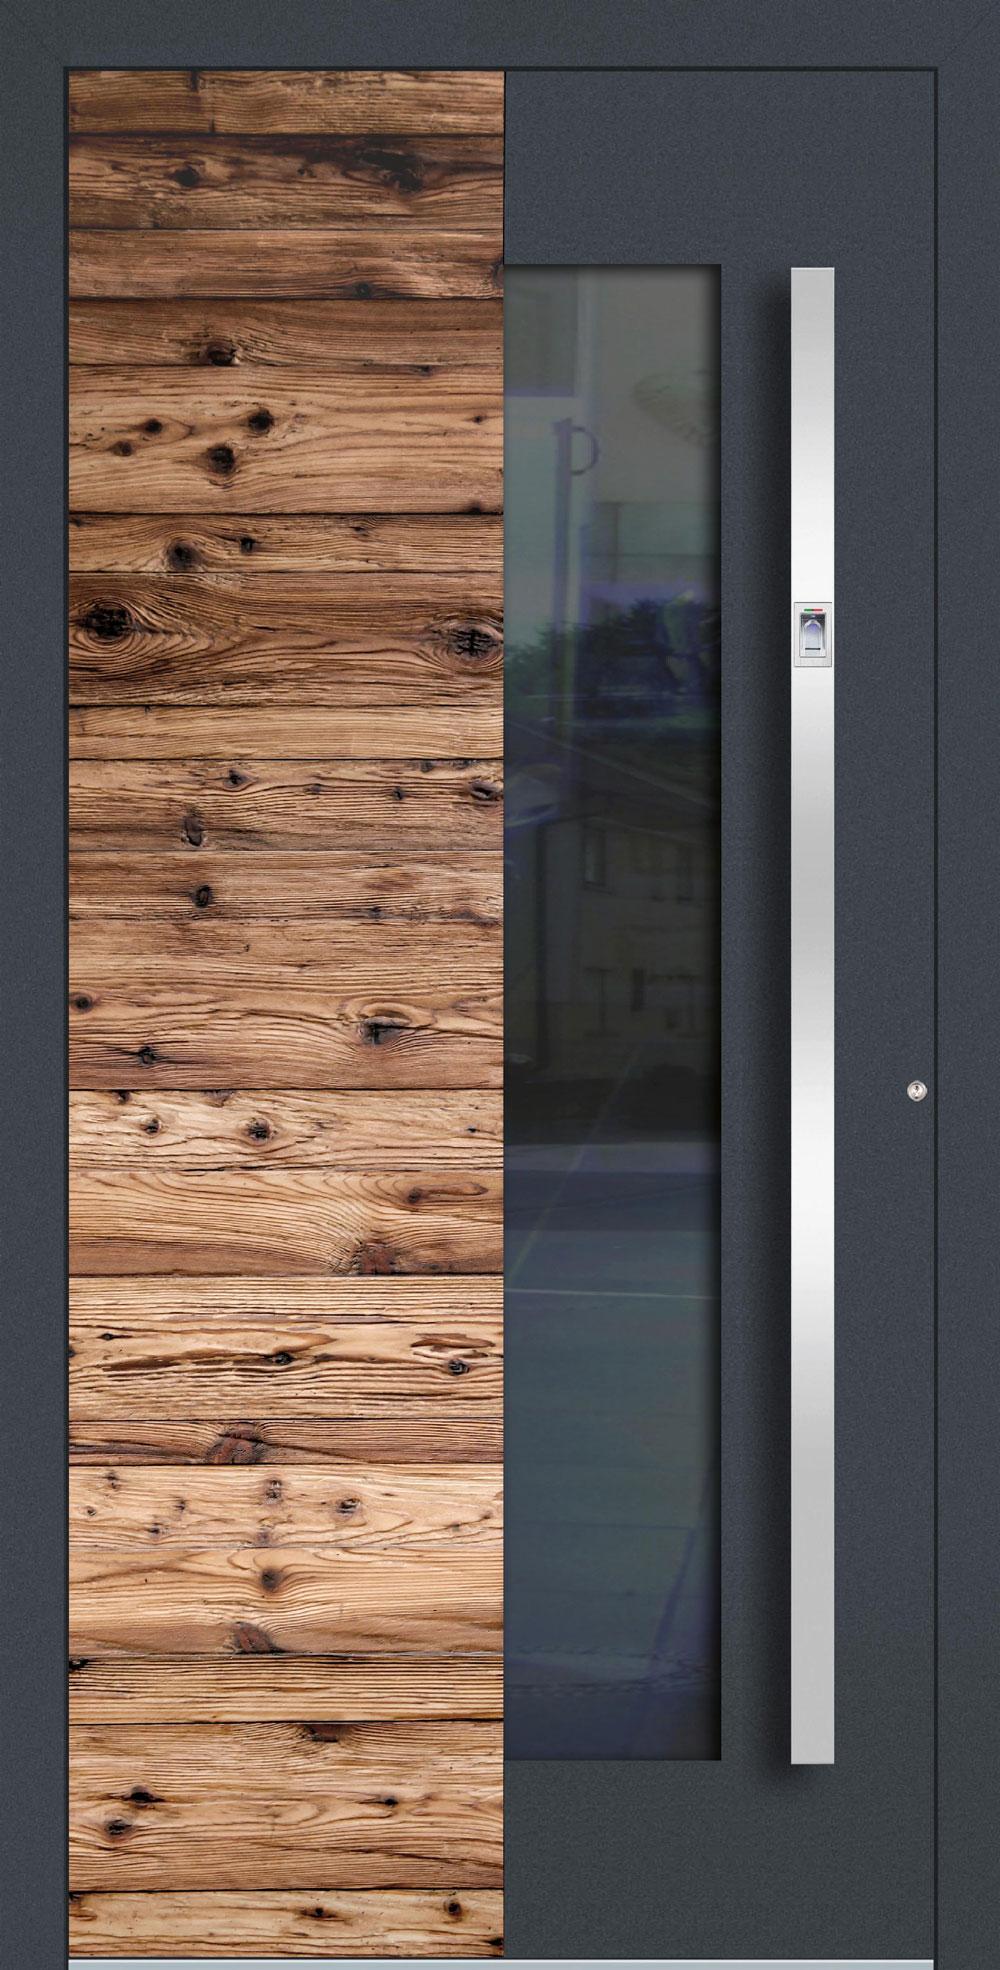 AHBG02 ISO-Wärmeschutzverglasung klar Altholz-Design mit Applikation in RAL 7016 FS einseitig außen Anwendungsbeispiel in flügelüberdeckend, Edelstahlgriff 11090 ES mit integriertem Fingerprint